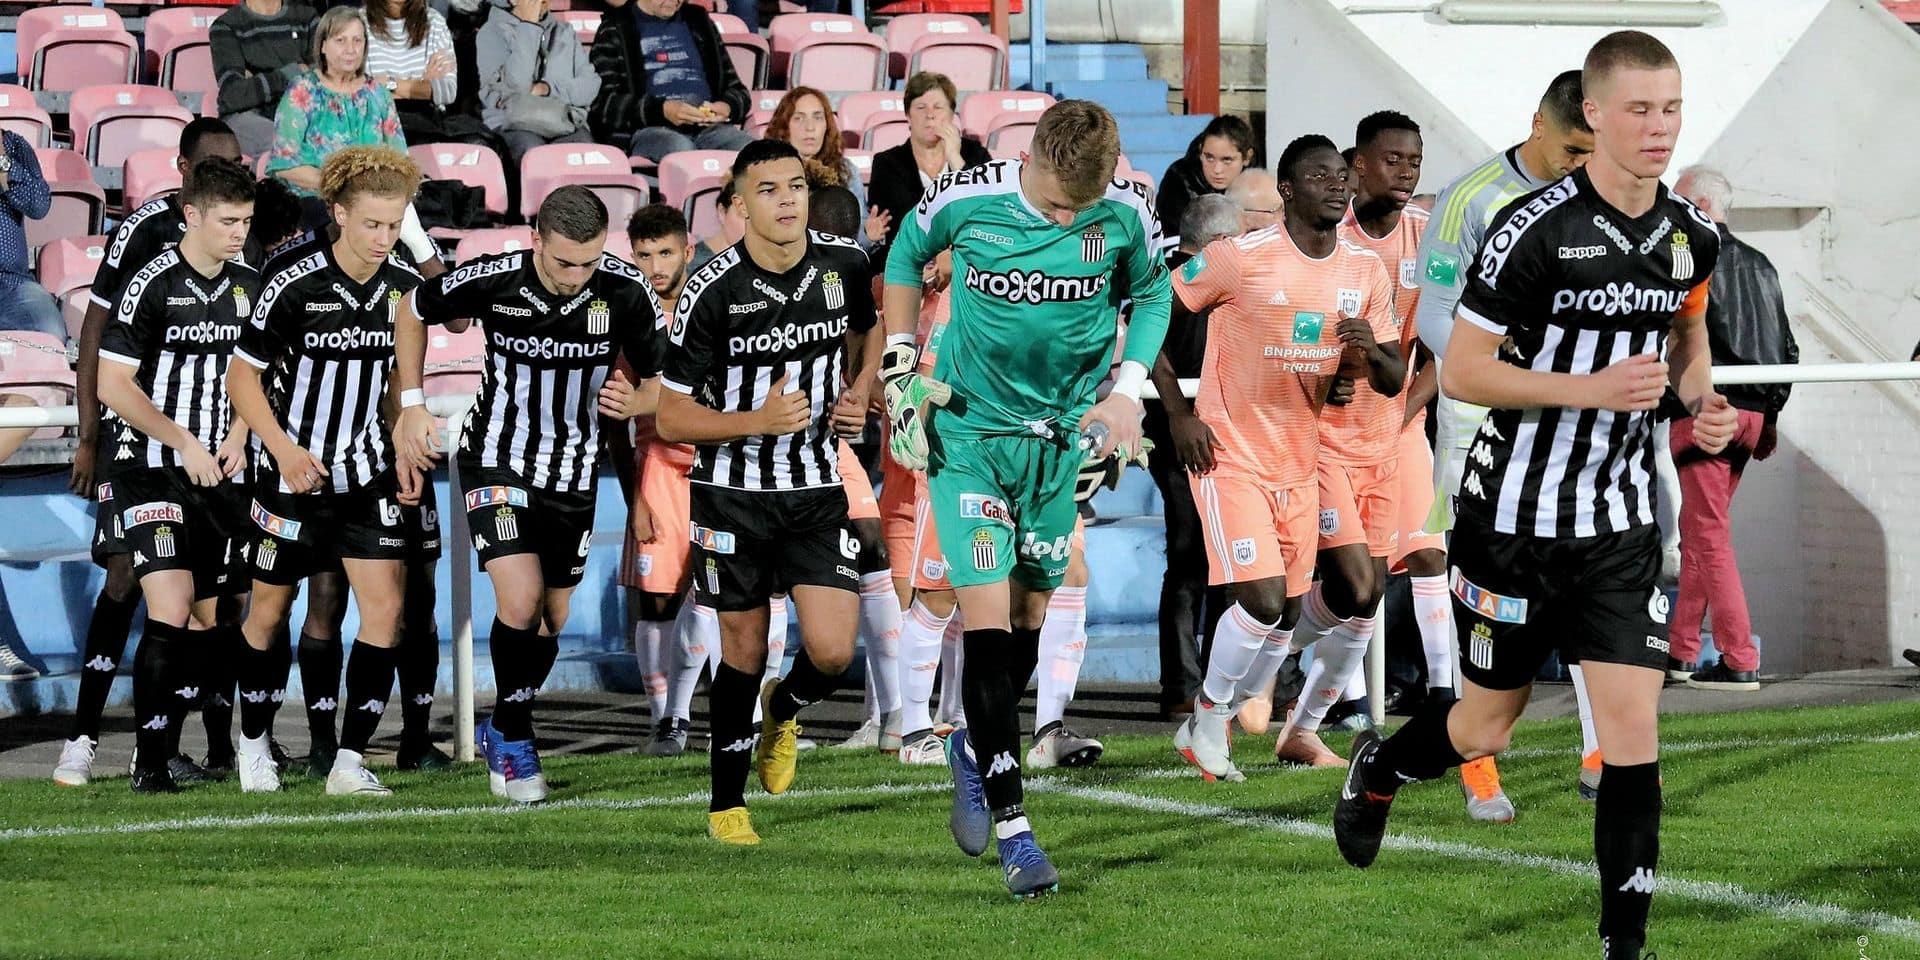 """Alain Decuyper, le boss de l'Ecole des Jeunes du Sporting Charleroi, est confiant : """"Les belles années vont arriver"""""""